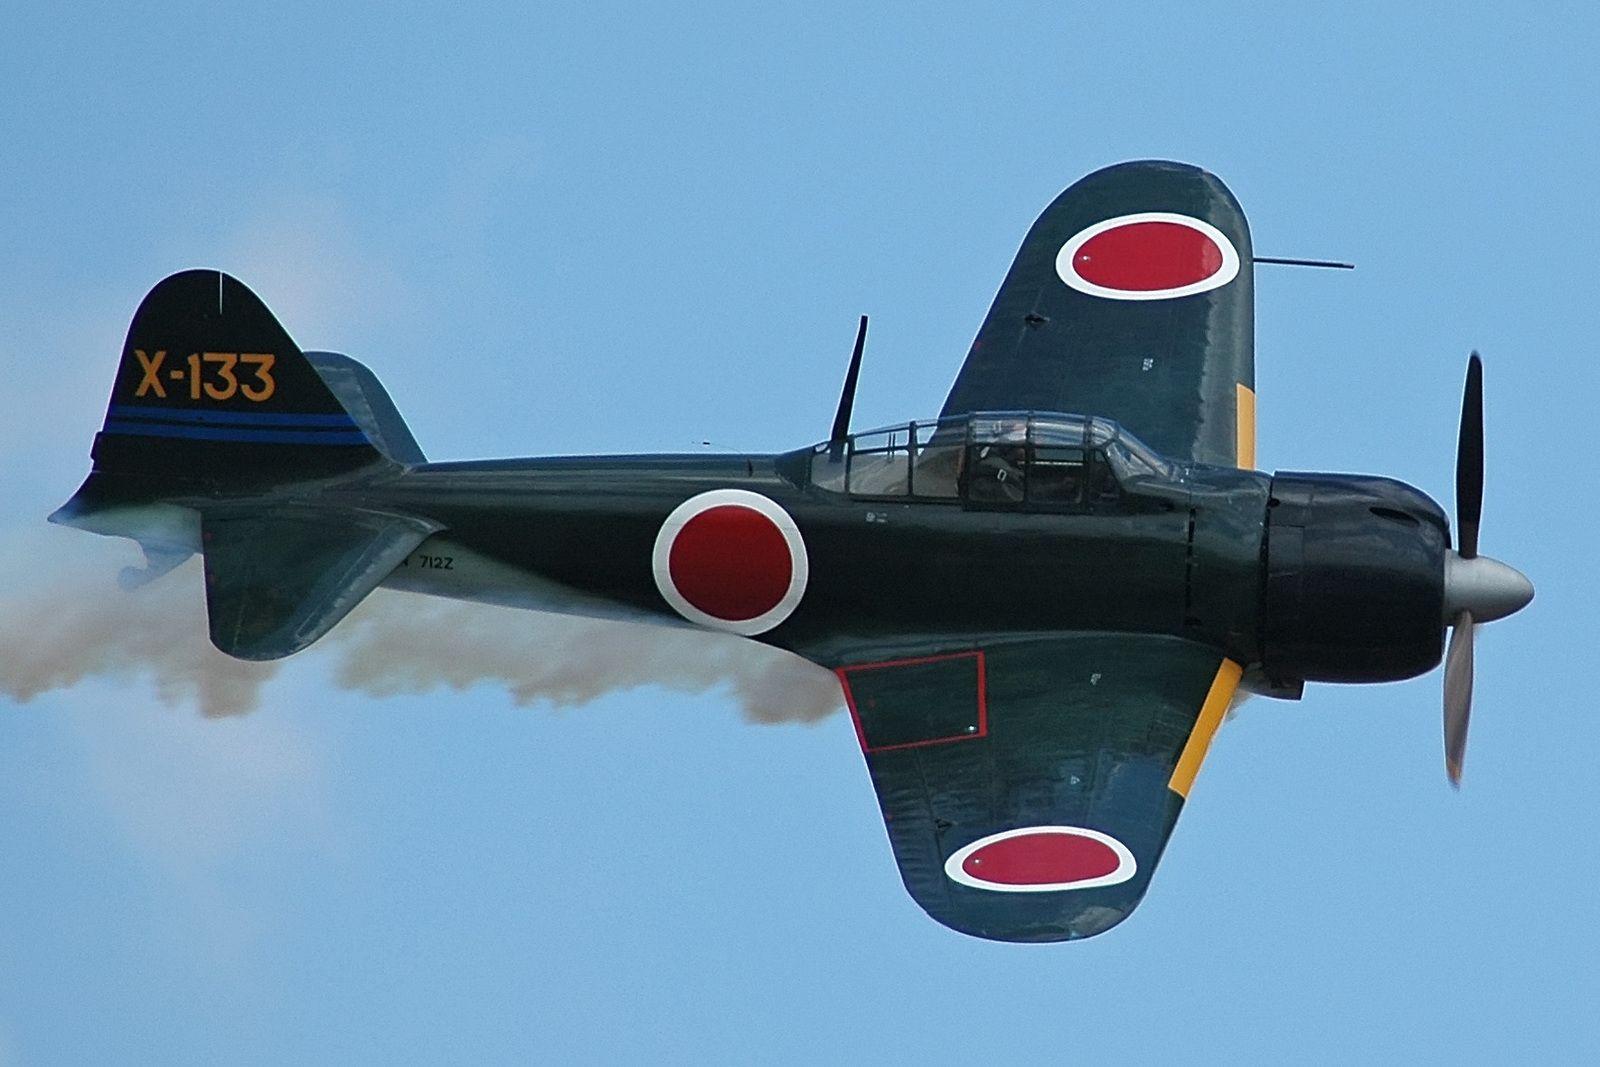 Liste d 39 avions militaires de la seconde guerre mondiale - Porte avion japonais seconde guerre mondiale ...